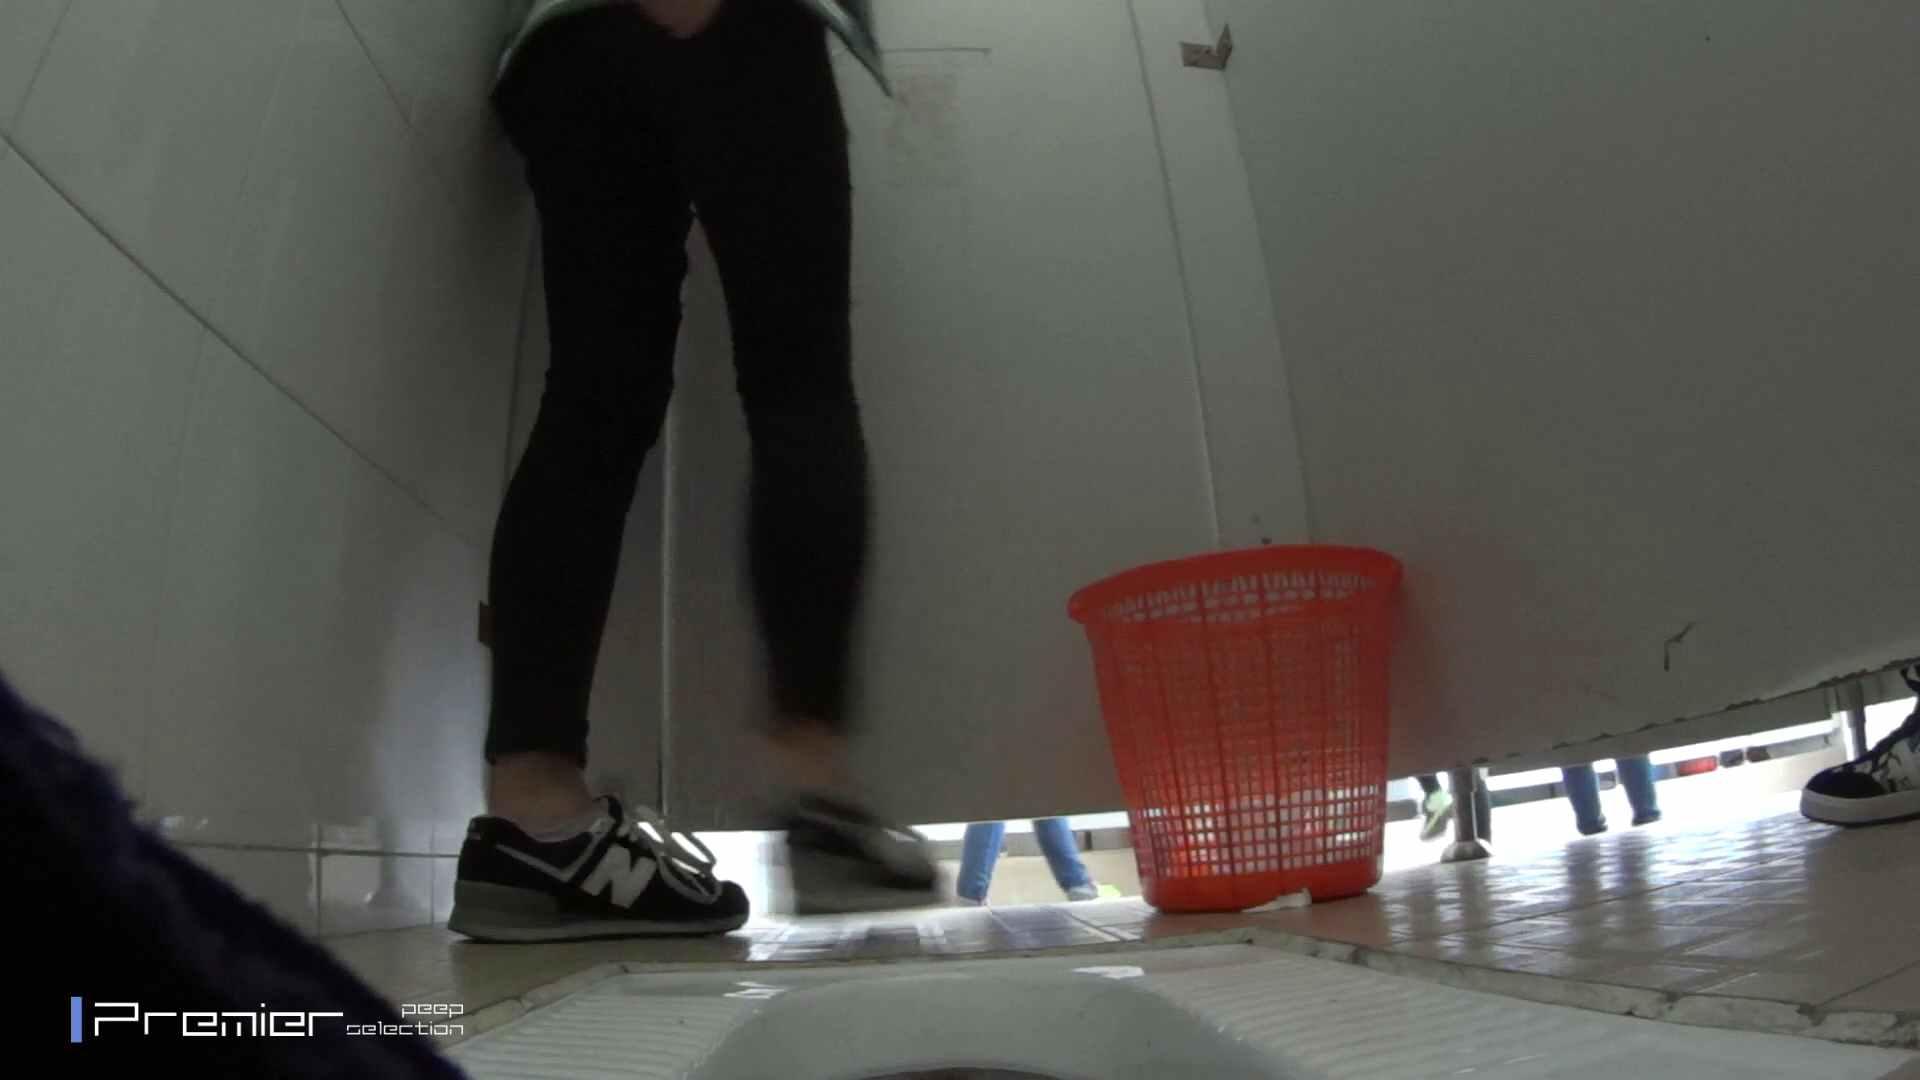 色気のある眼鏡さんの放nyo大学休憩時間の洗面所事情28 高画質 スケベ動画紹介 104枚 73